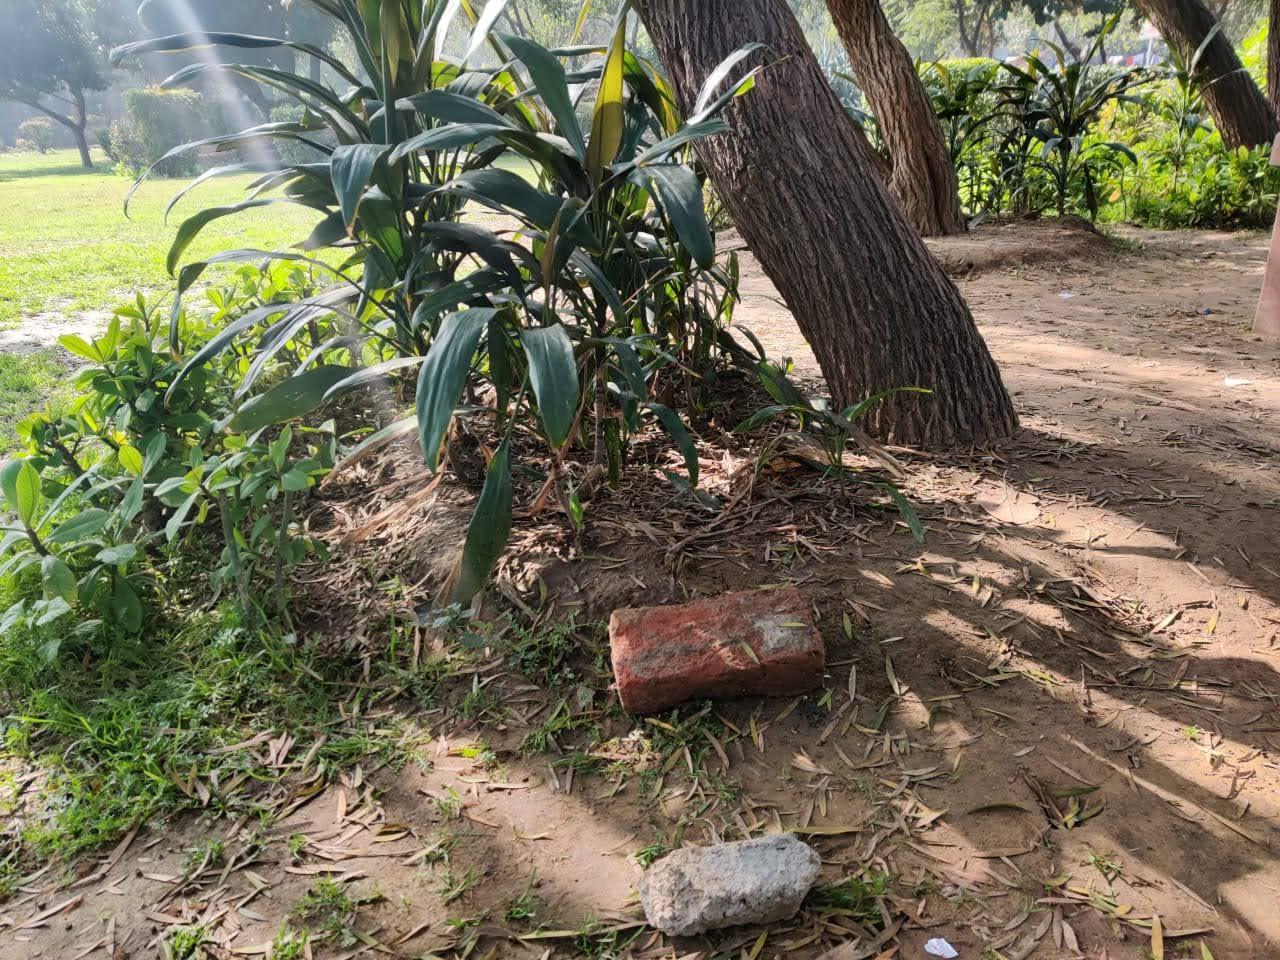 Jan 10 2020- Singapore Park Cleanliness drive - 4